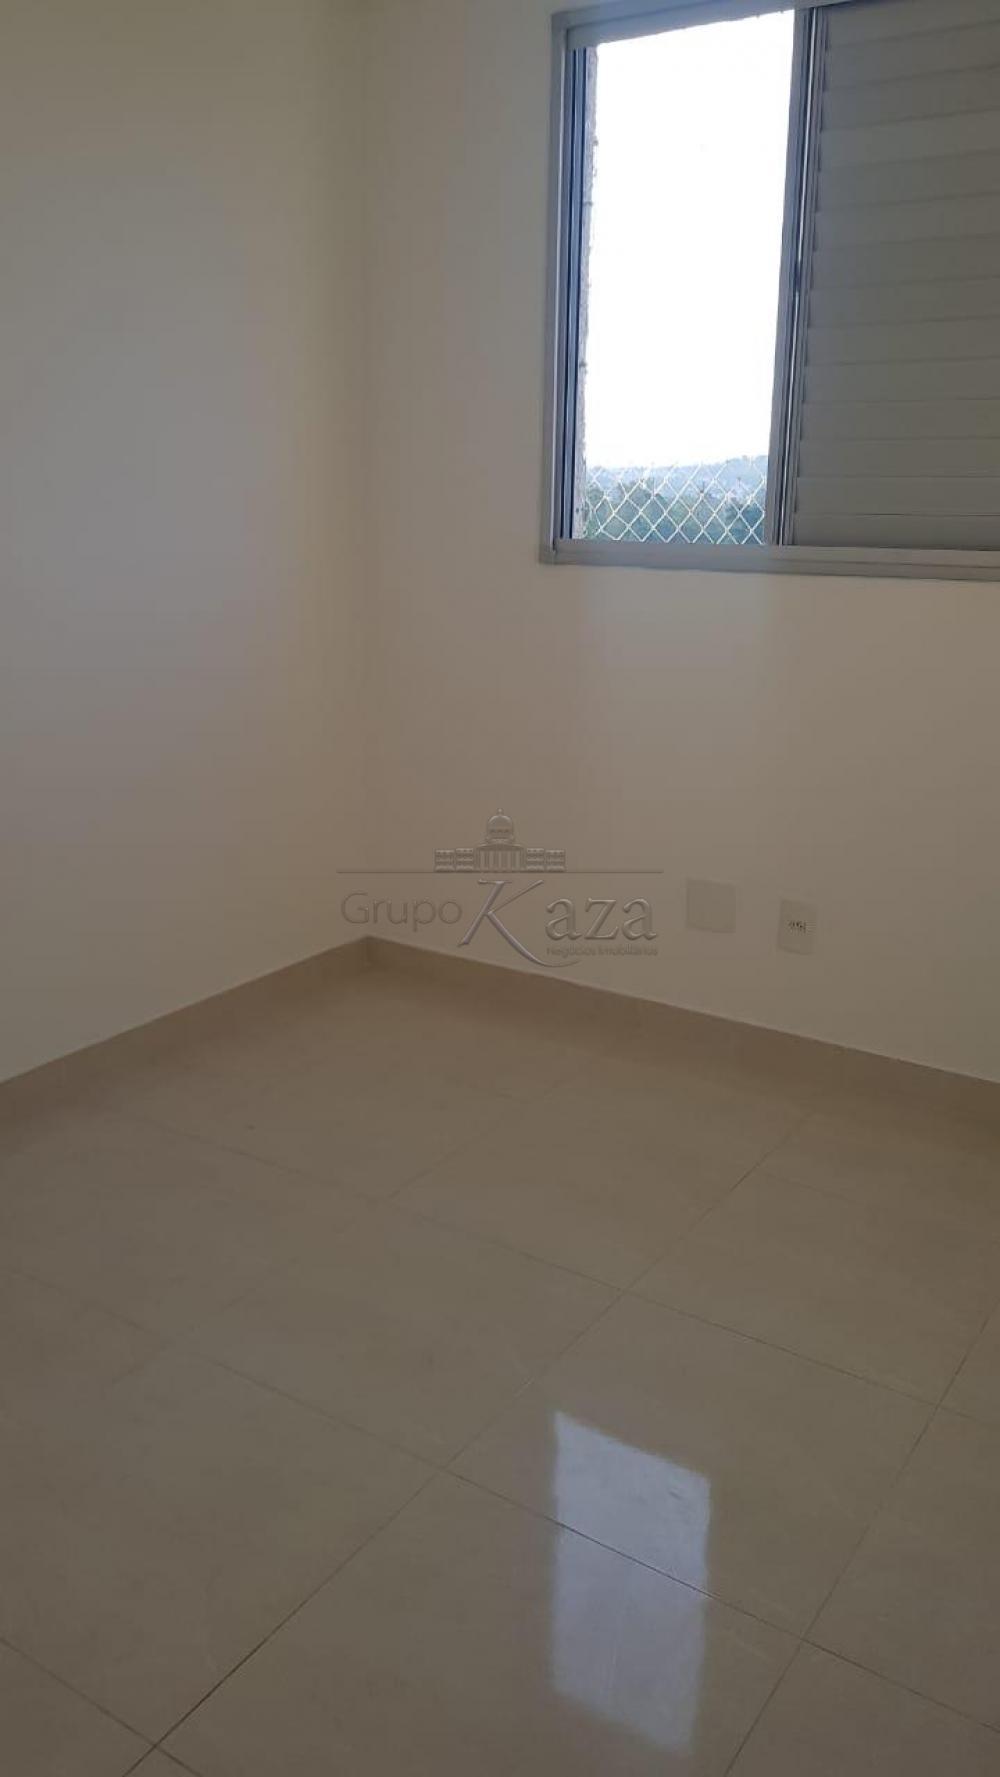 Comprar Apartamento / Padrão em São José dos Campos apenas R$ 215.000,00 - Foto 18